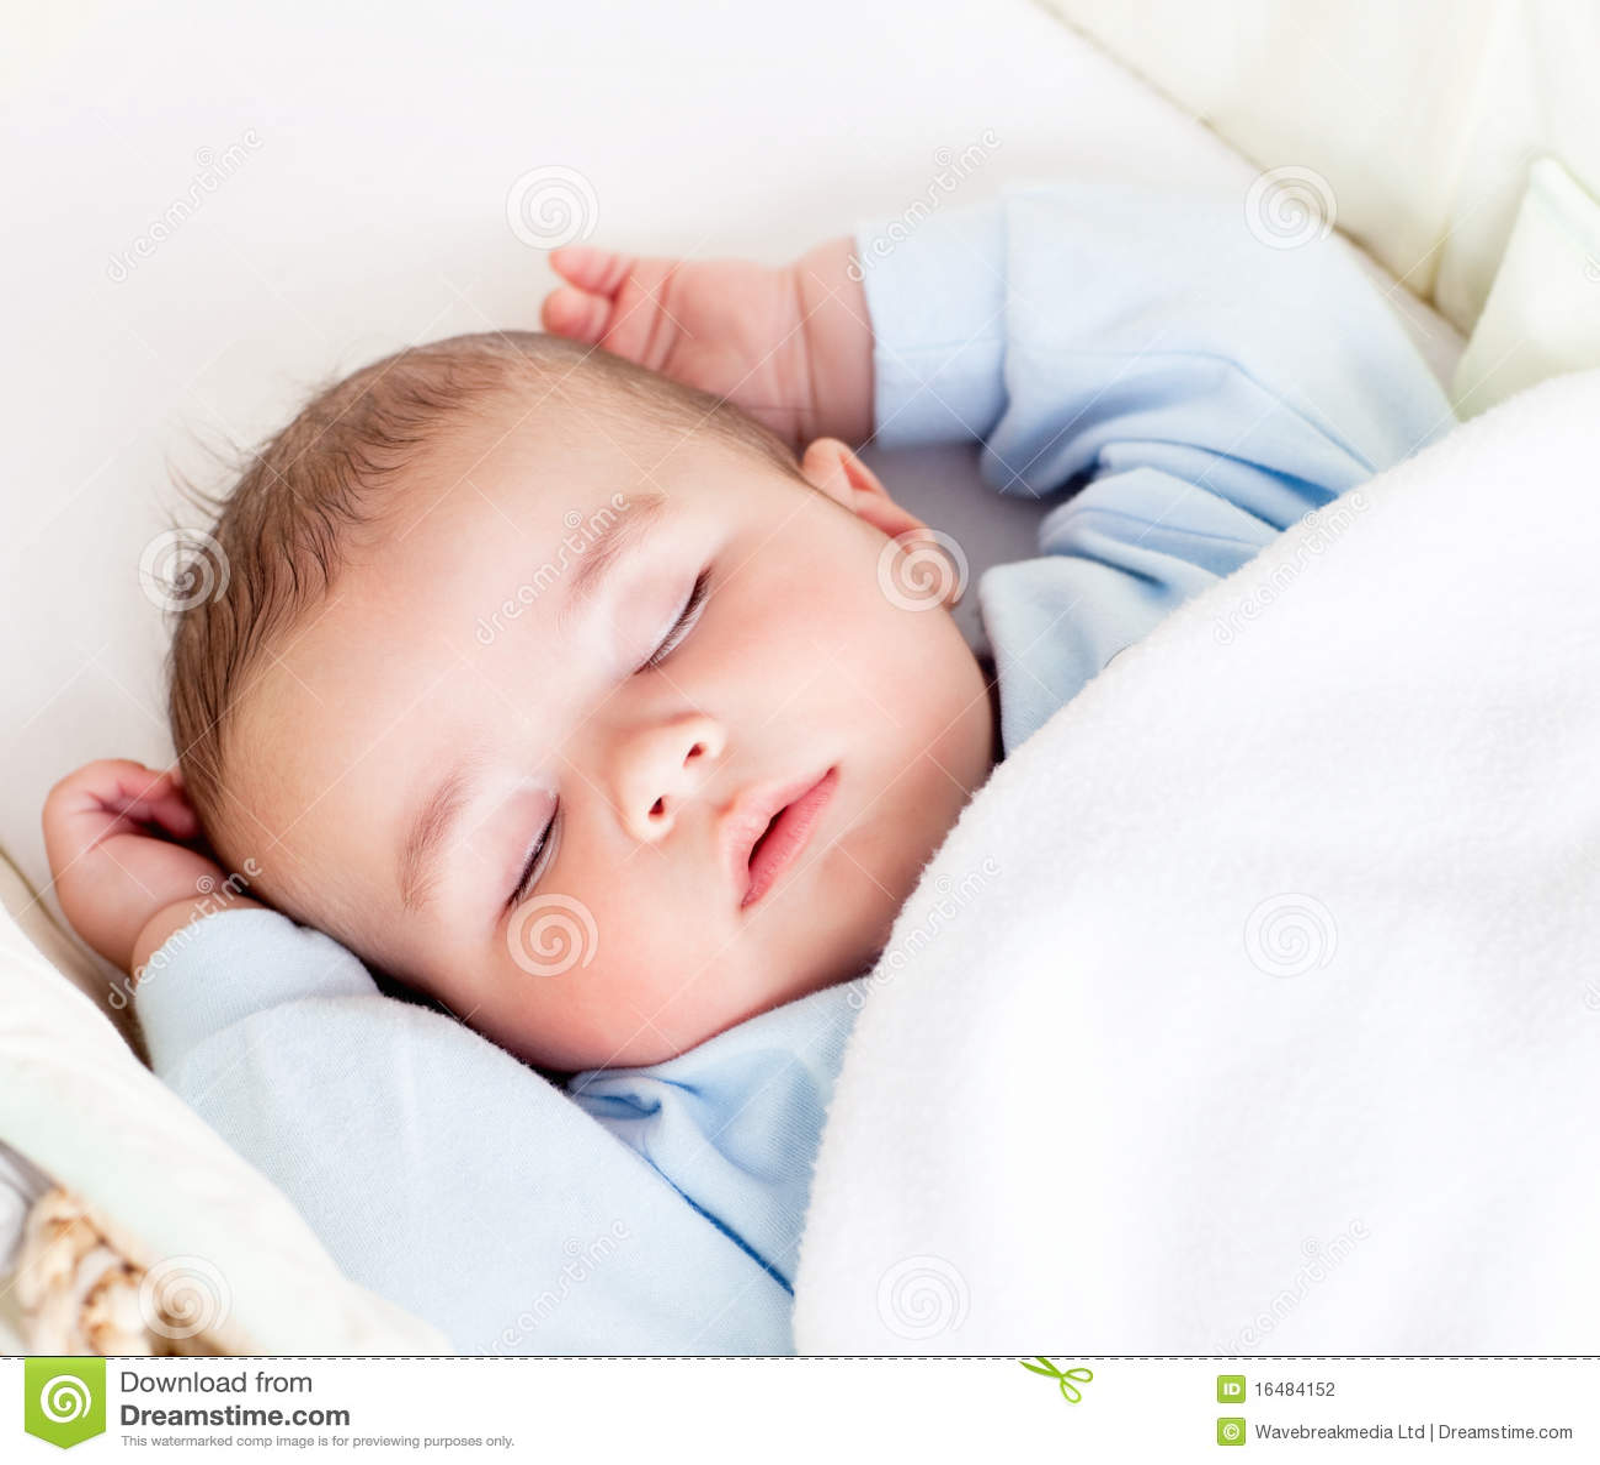 De jongensslaap van de baby vreedzaam in zijn wieg